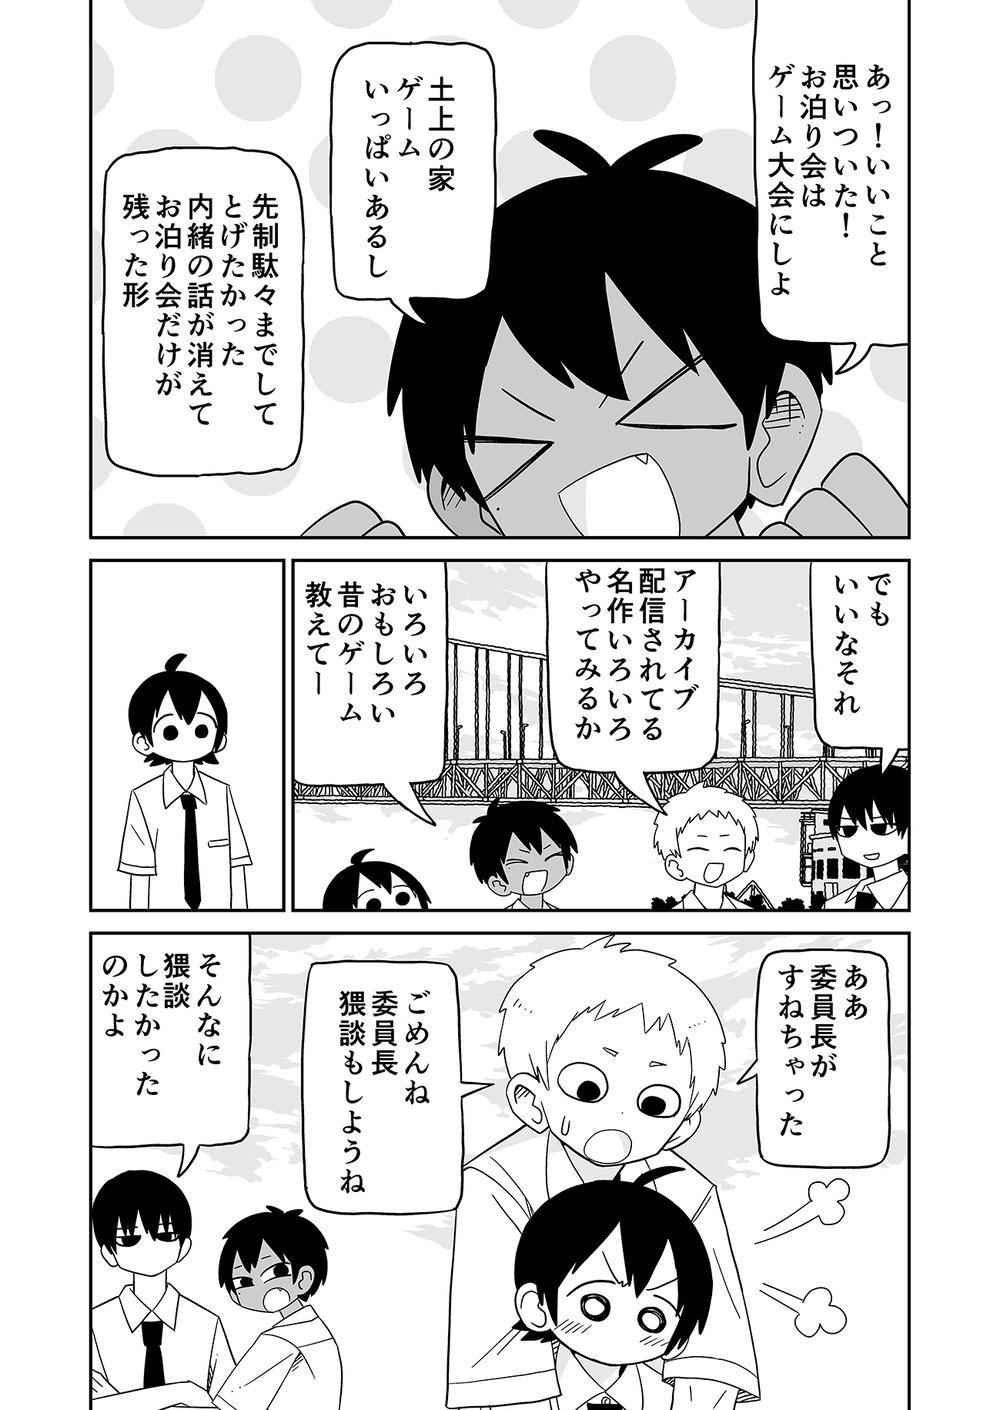 潮舞データオマケ20022